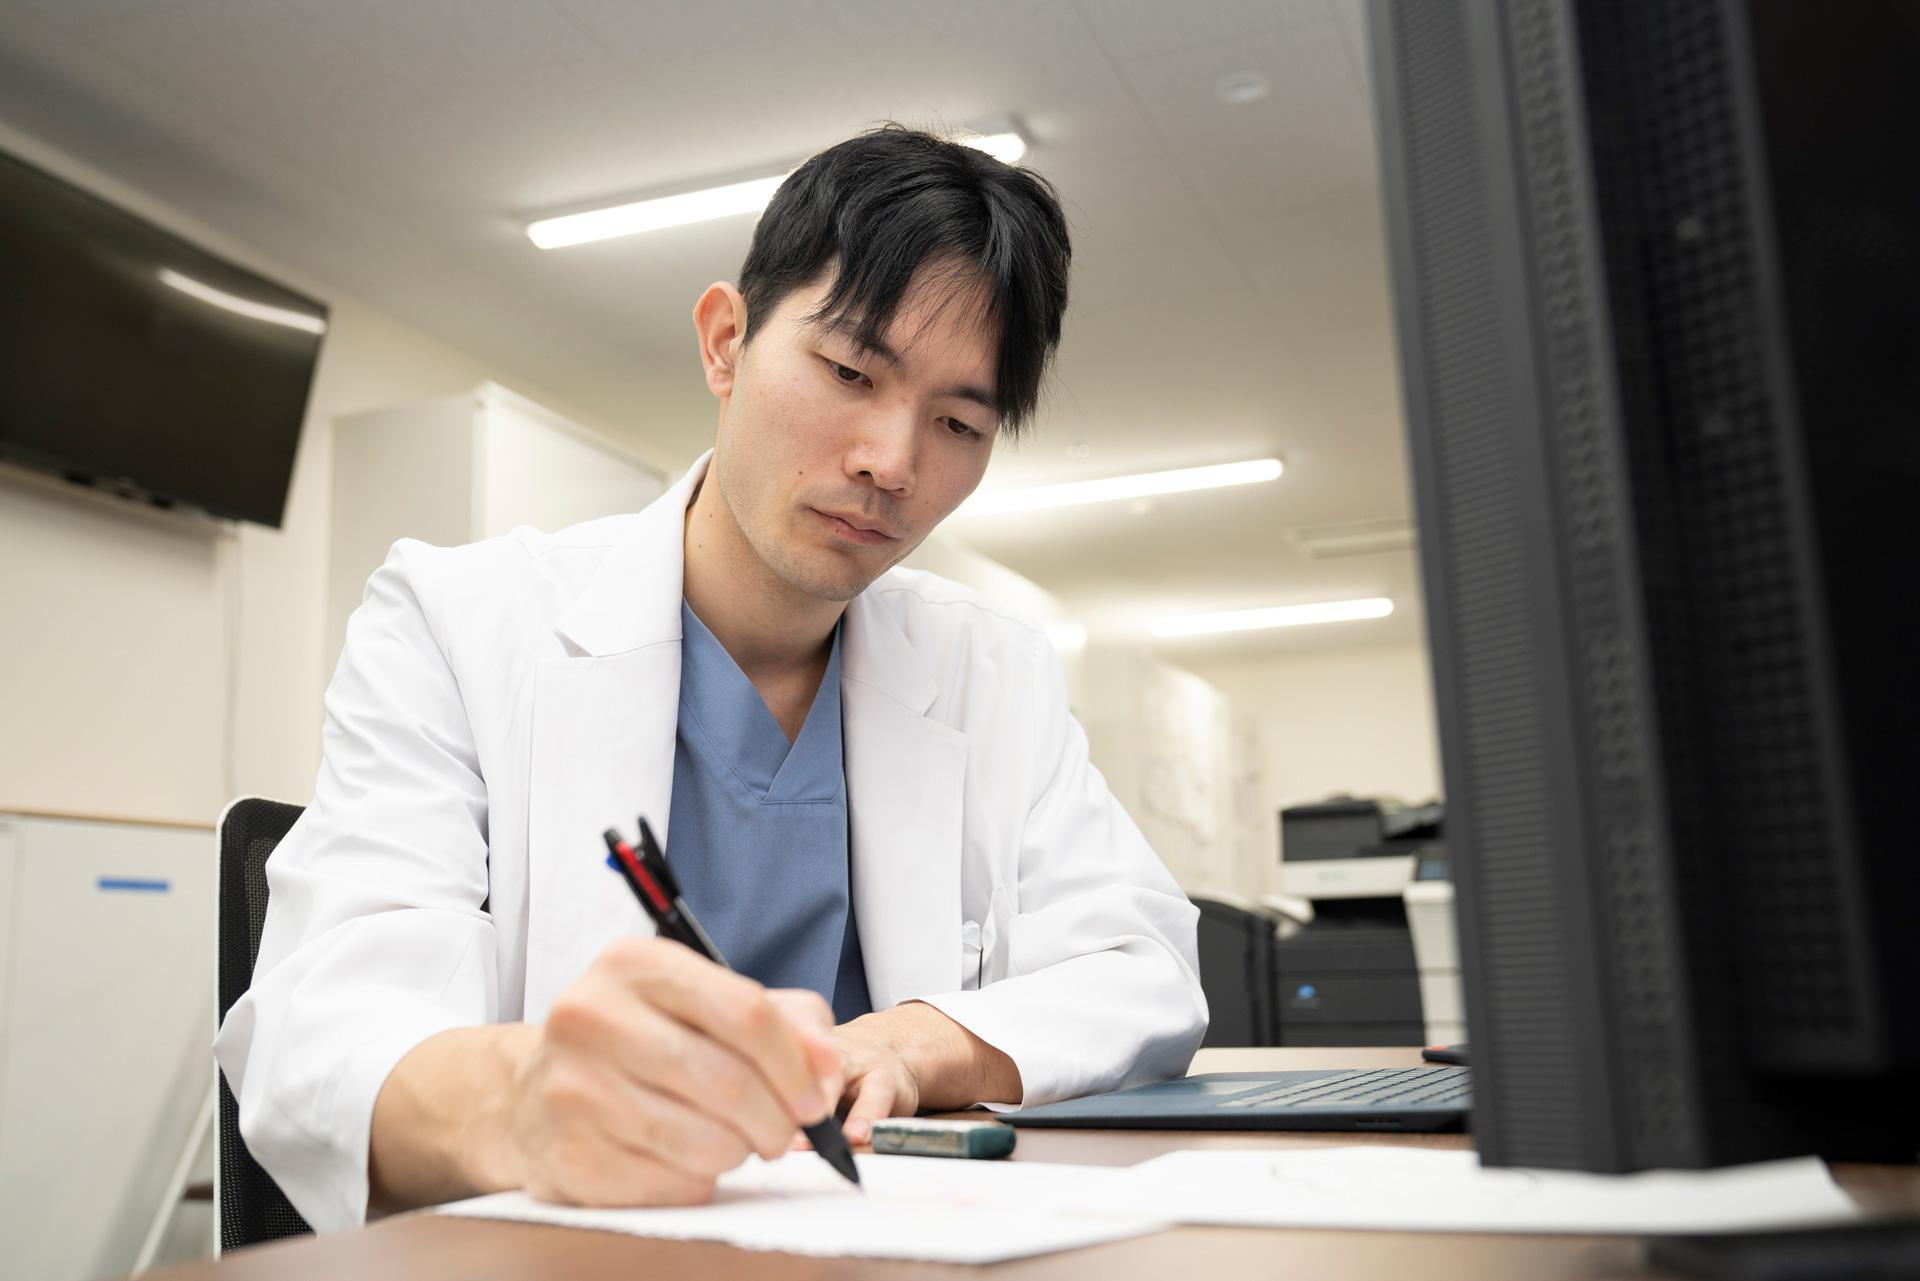 写真:医師が図を描いている様子